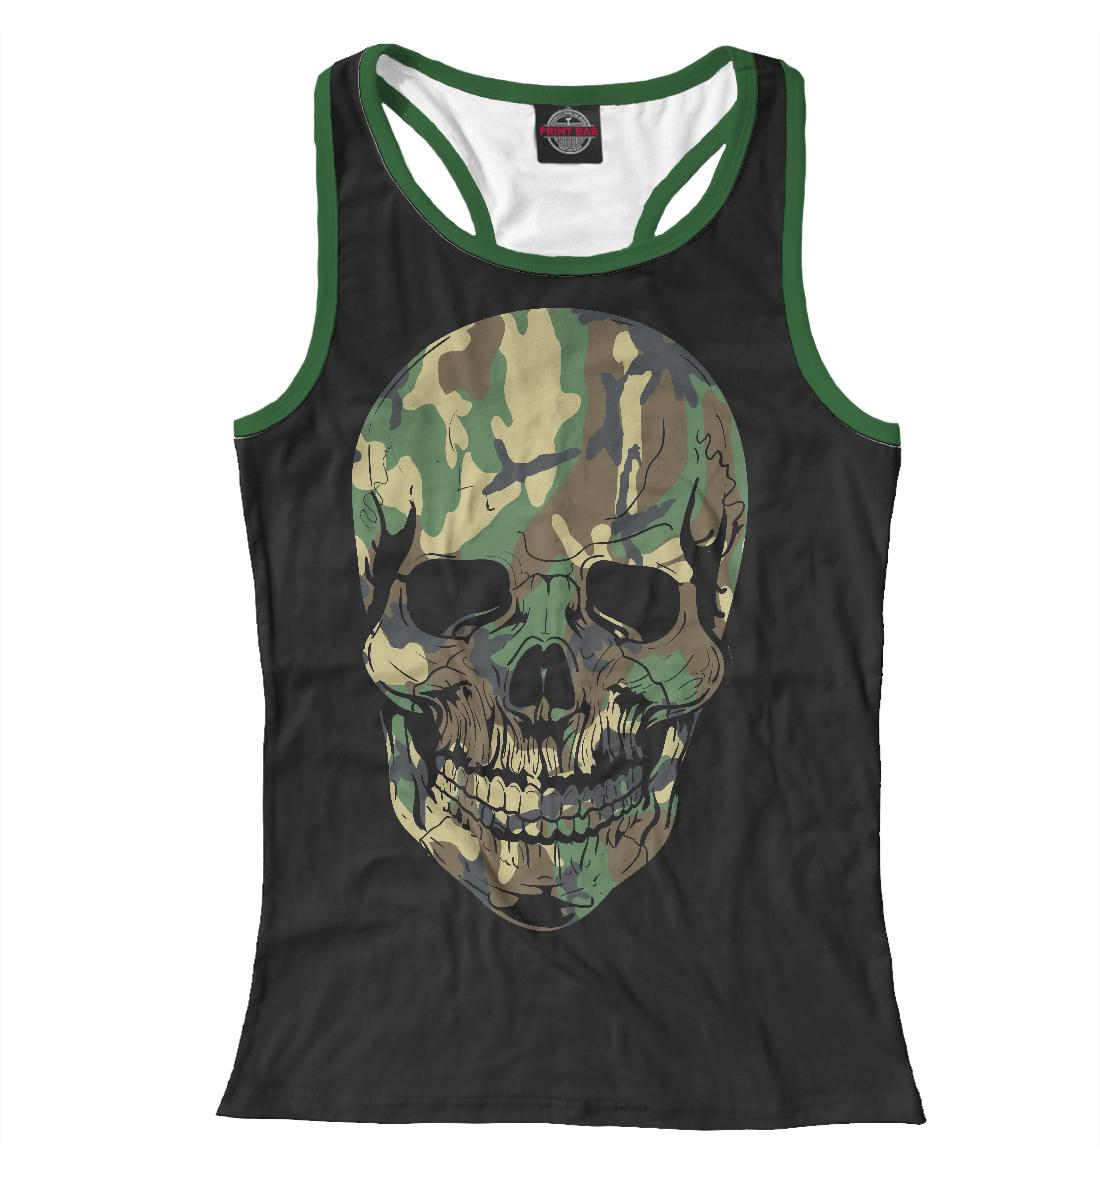 Купить Камуфляжный череп, Printbar, Майки борцовки, HIP-723031-mayb-1